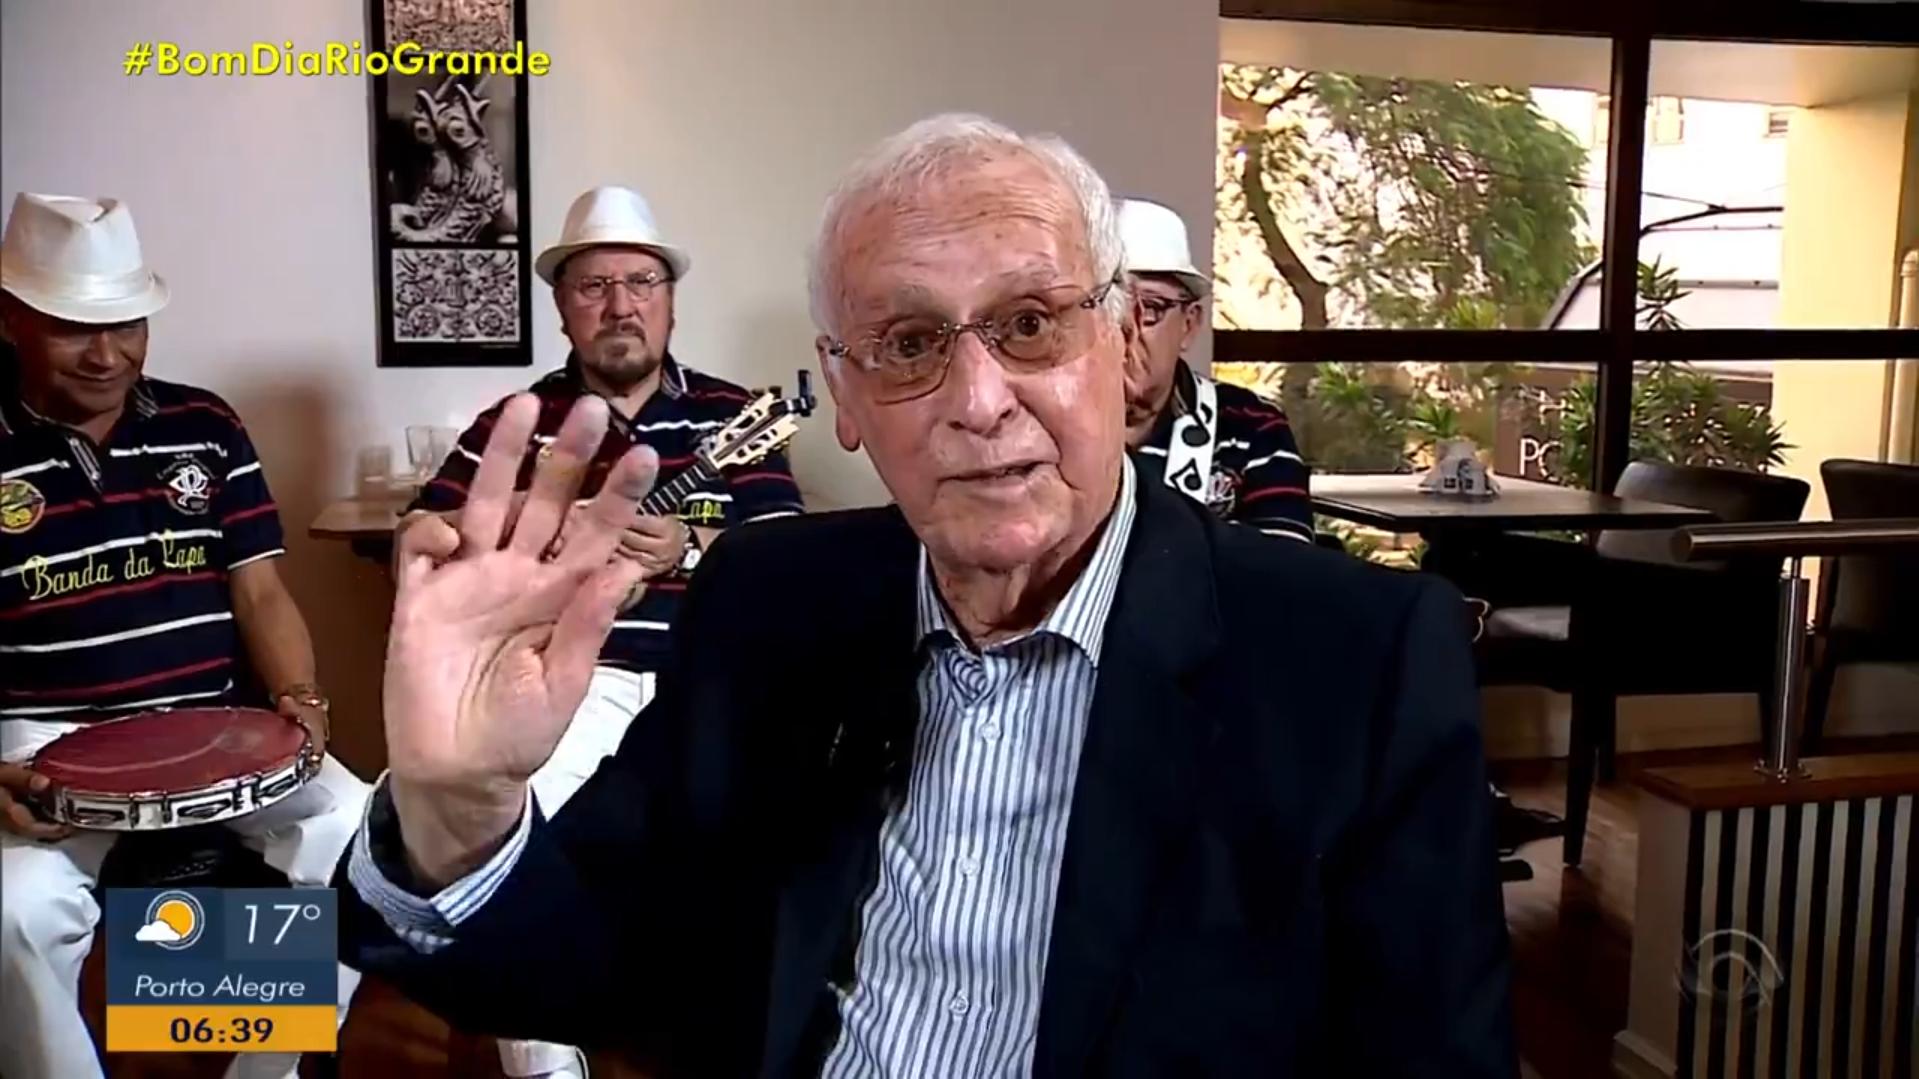 """Narrador Celestino Valenzuela, em participação no programa """"Globo Esporte"""". Foto: reprodução de vídeo / RBS TV"""